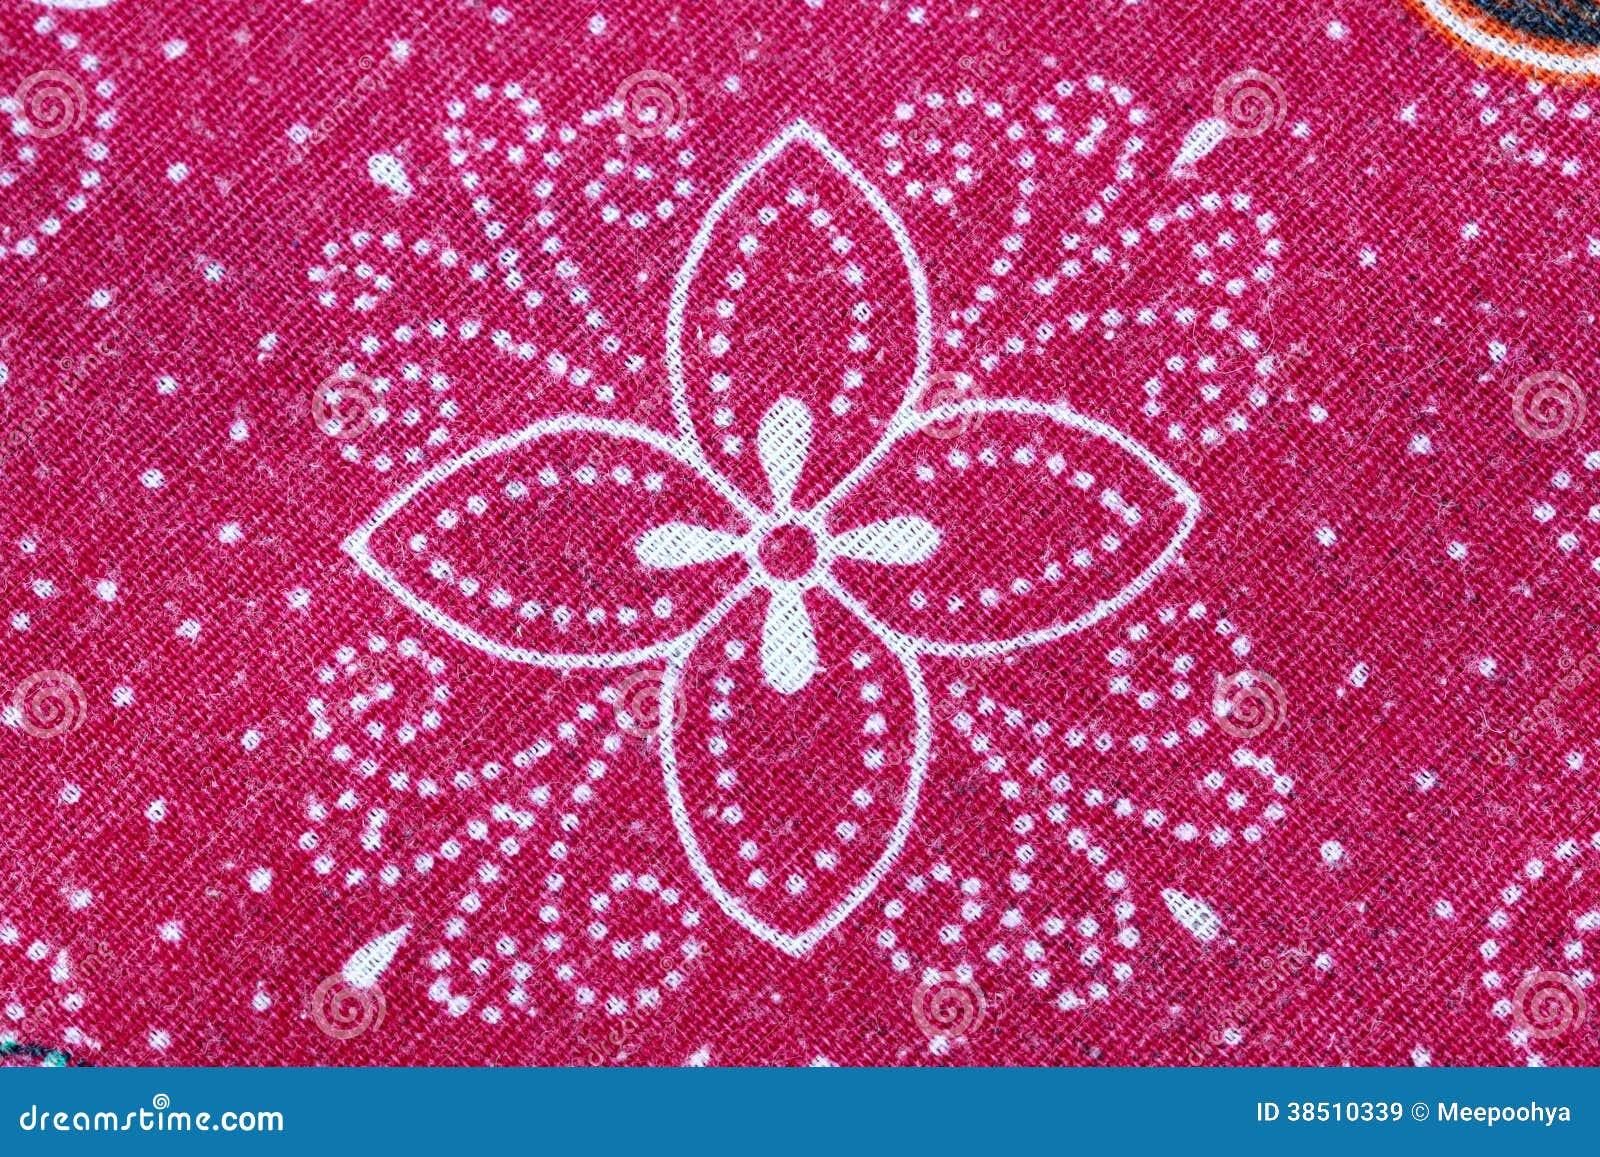 Thai Batik Sarong Of Red Flower Pattern Royalty Free